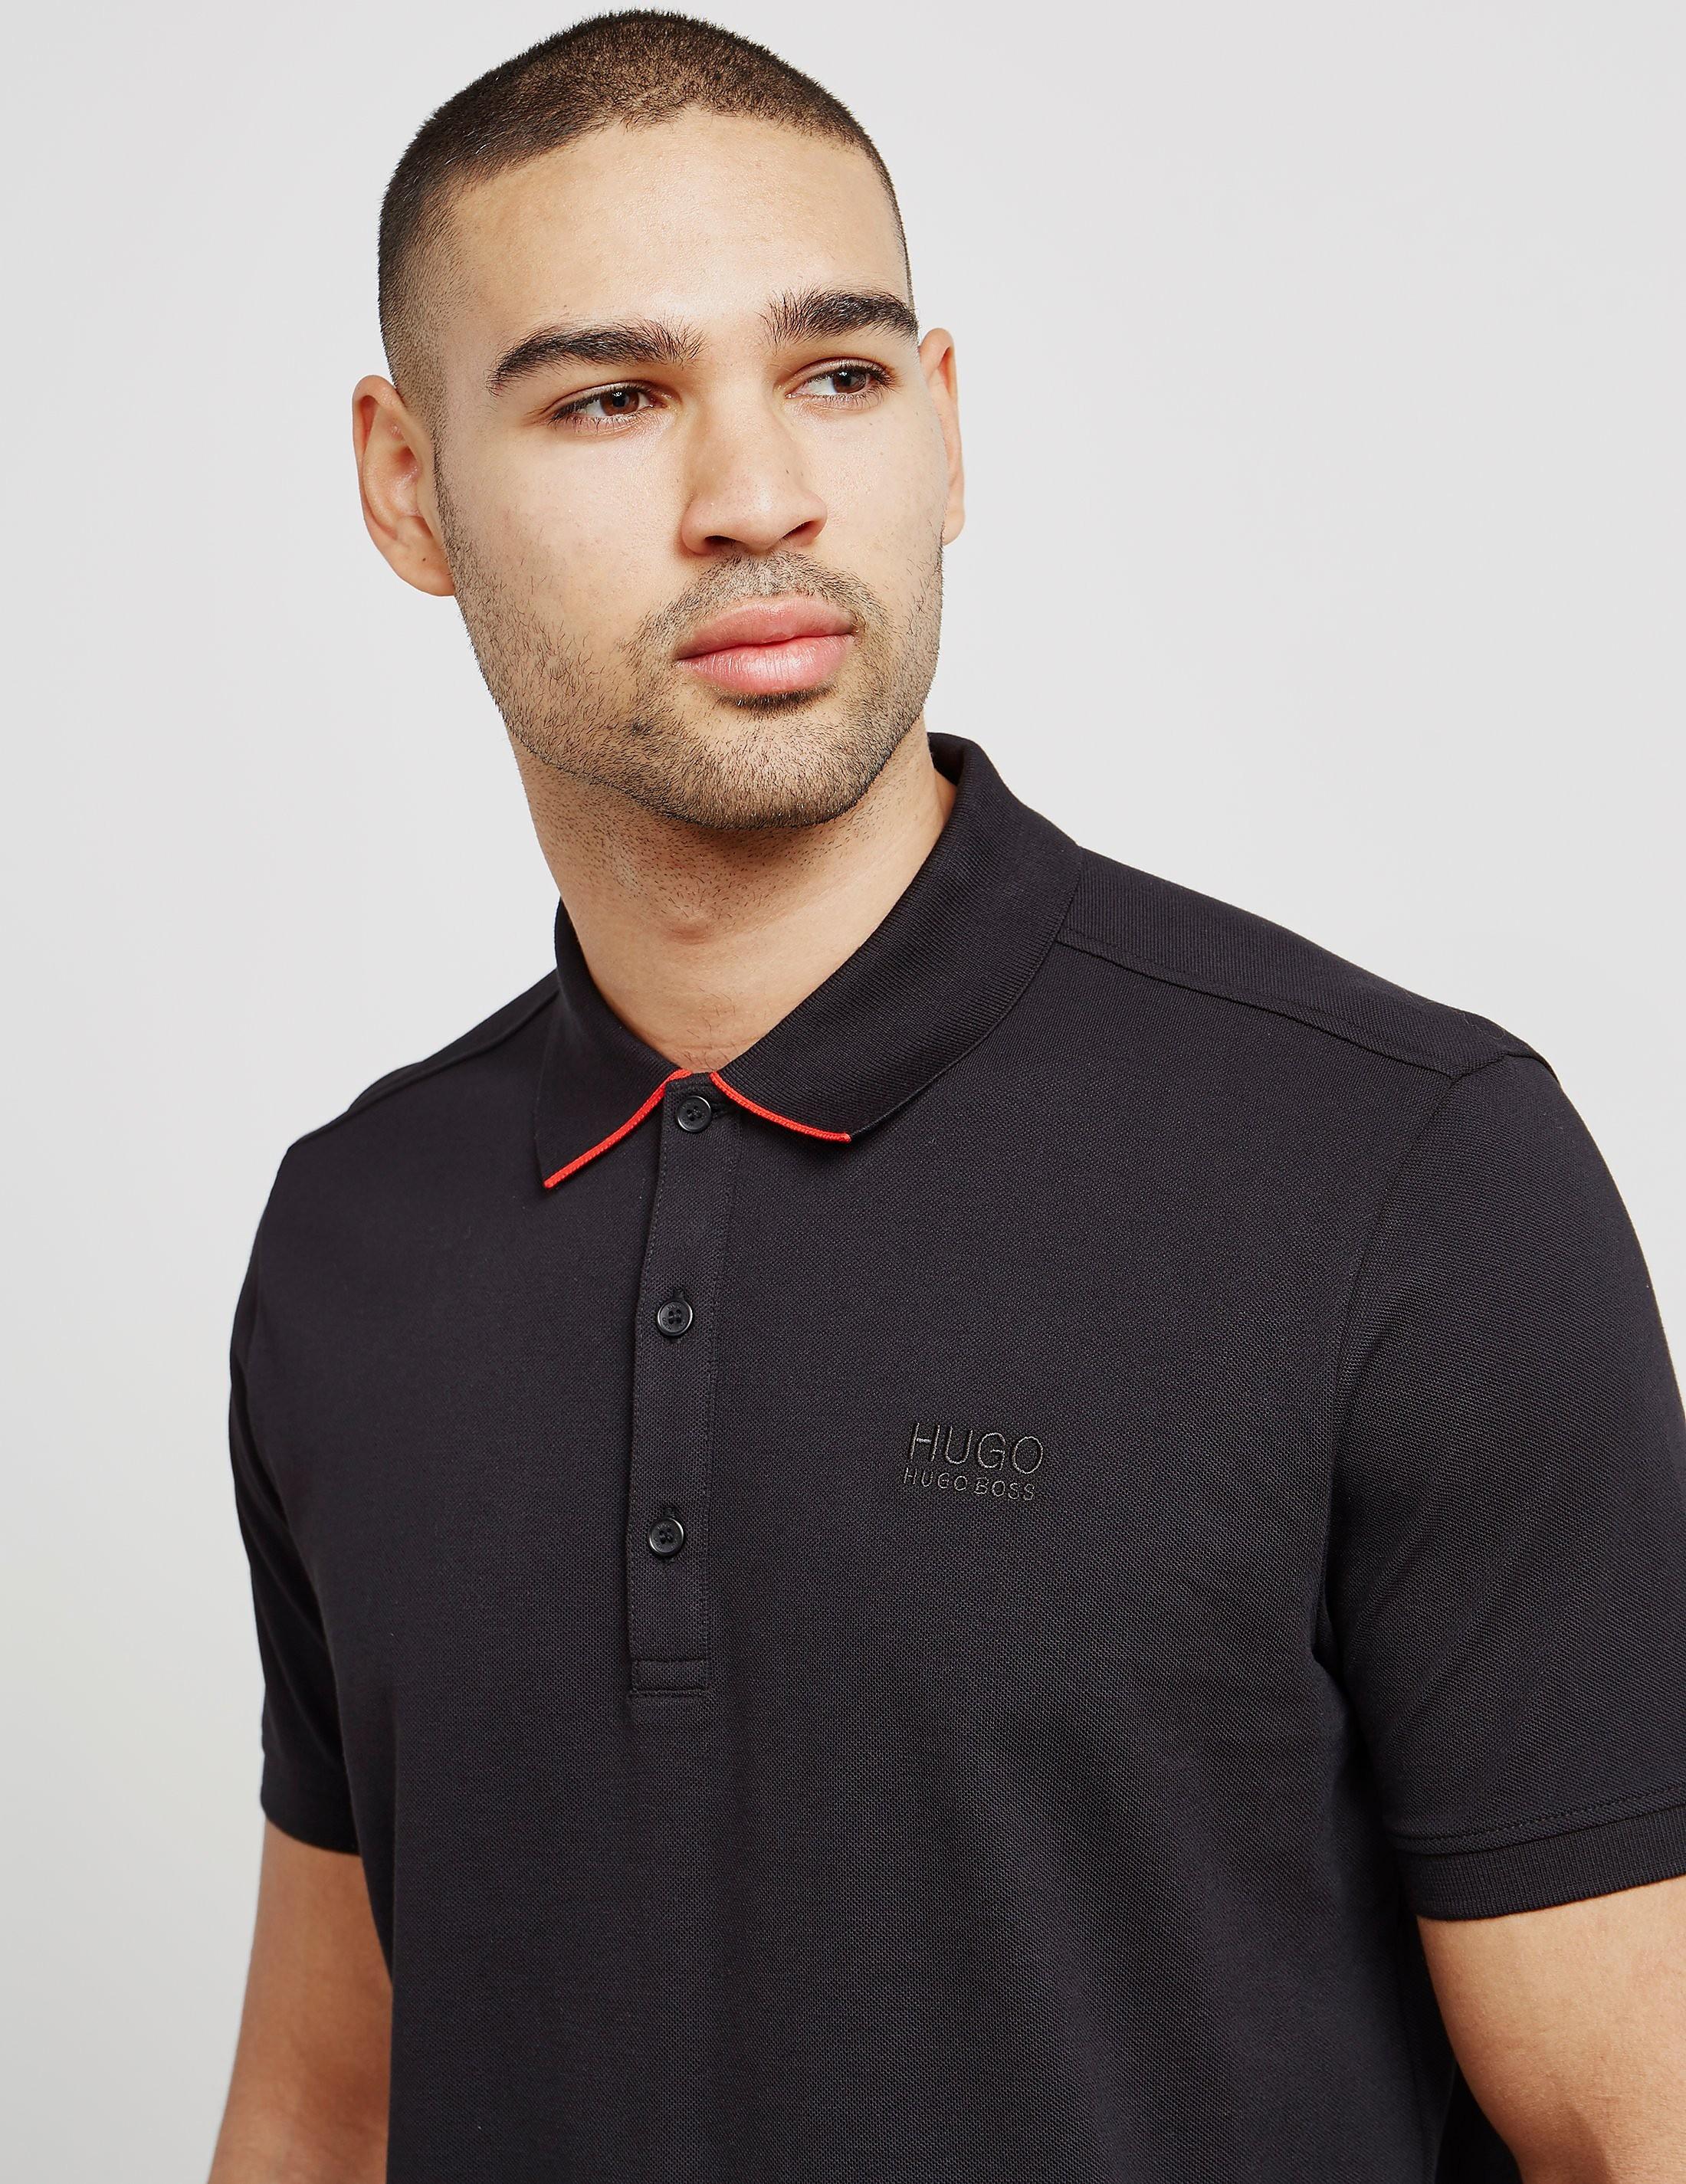 HUGO Dyler Short Sleeve Polo Shirt